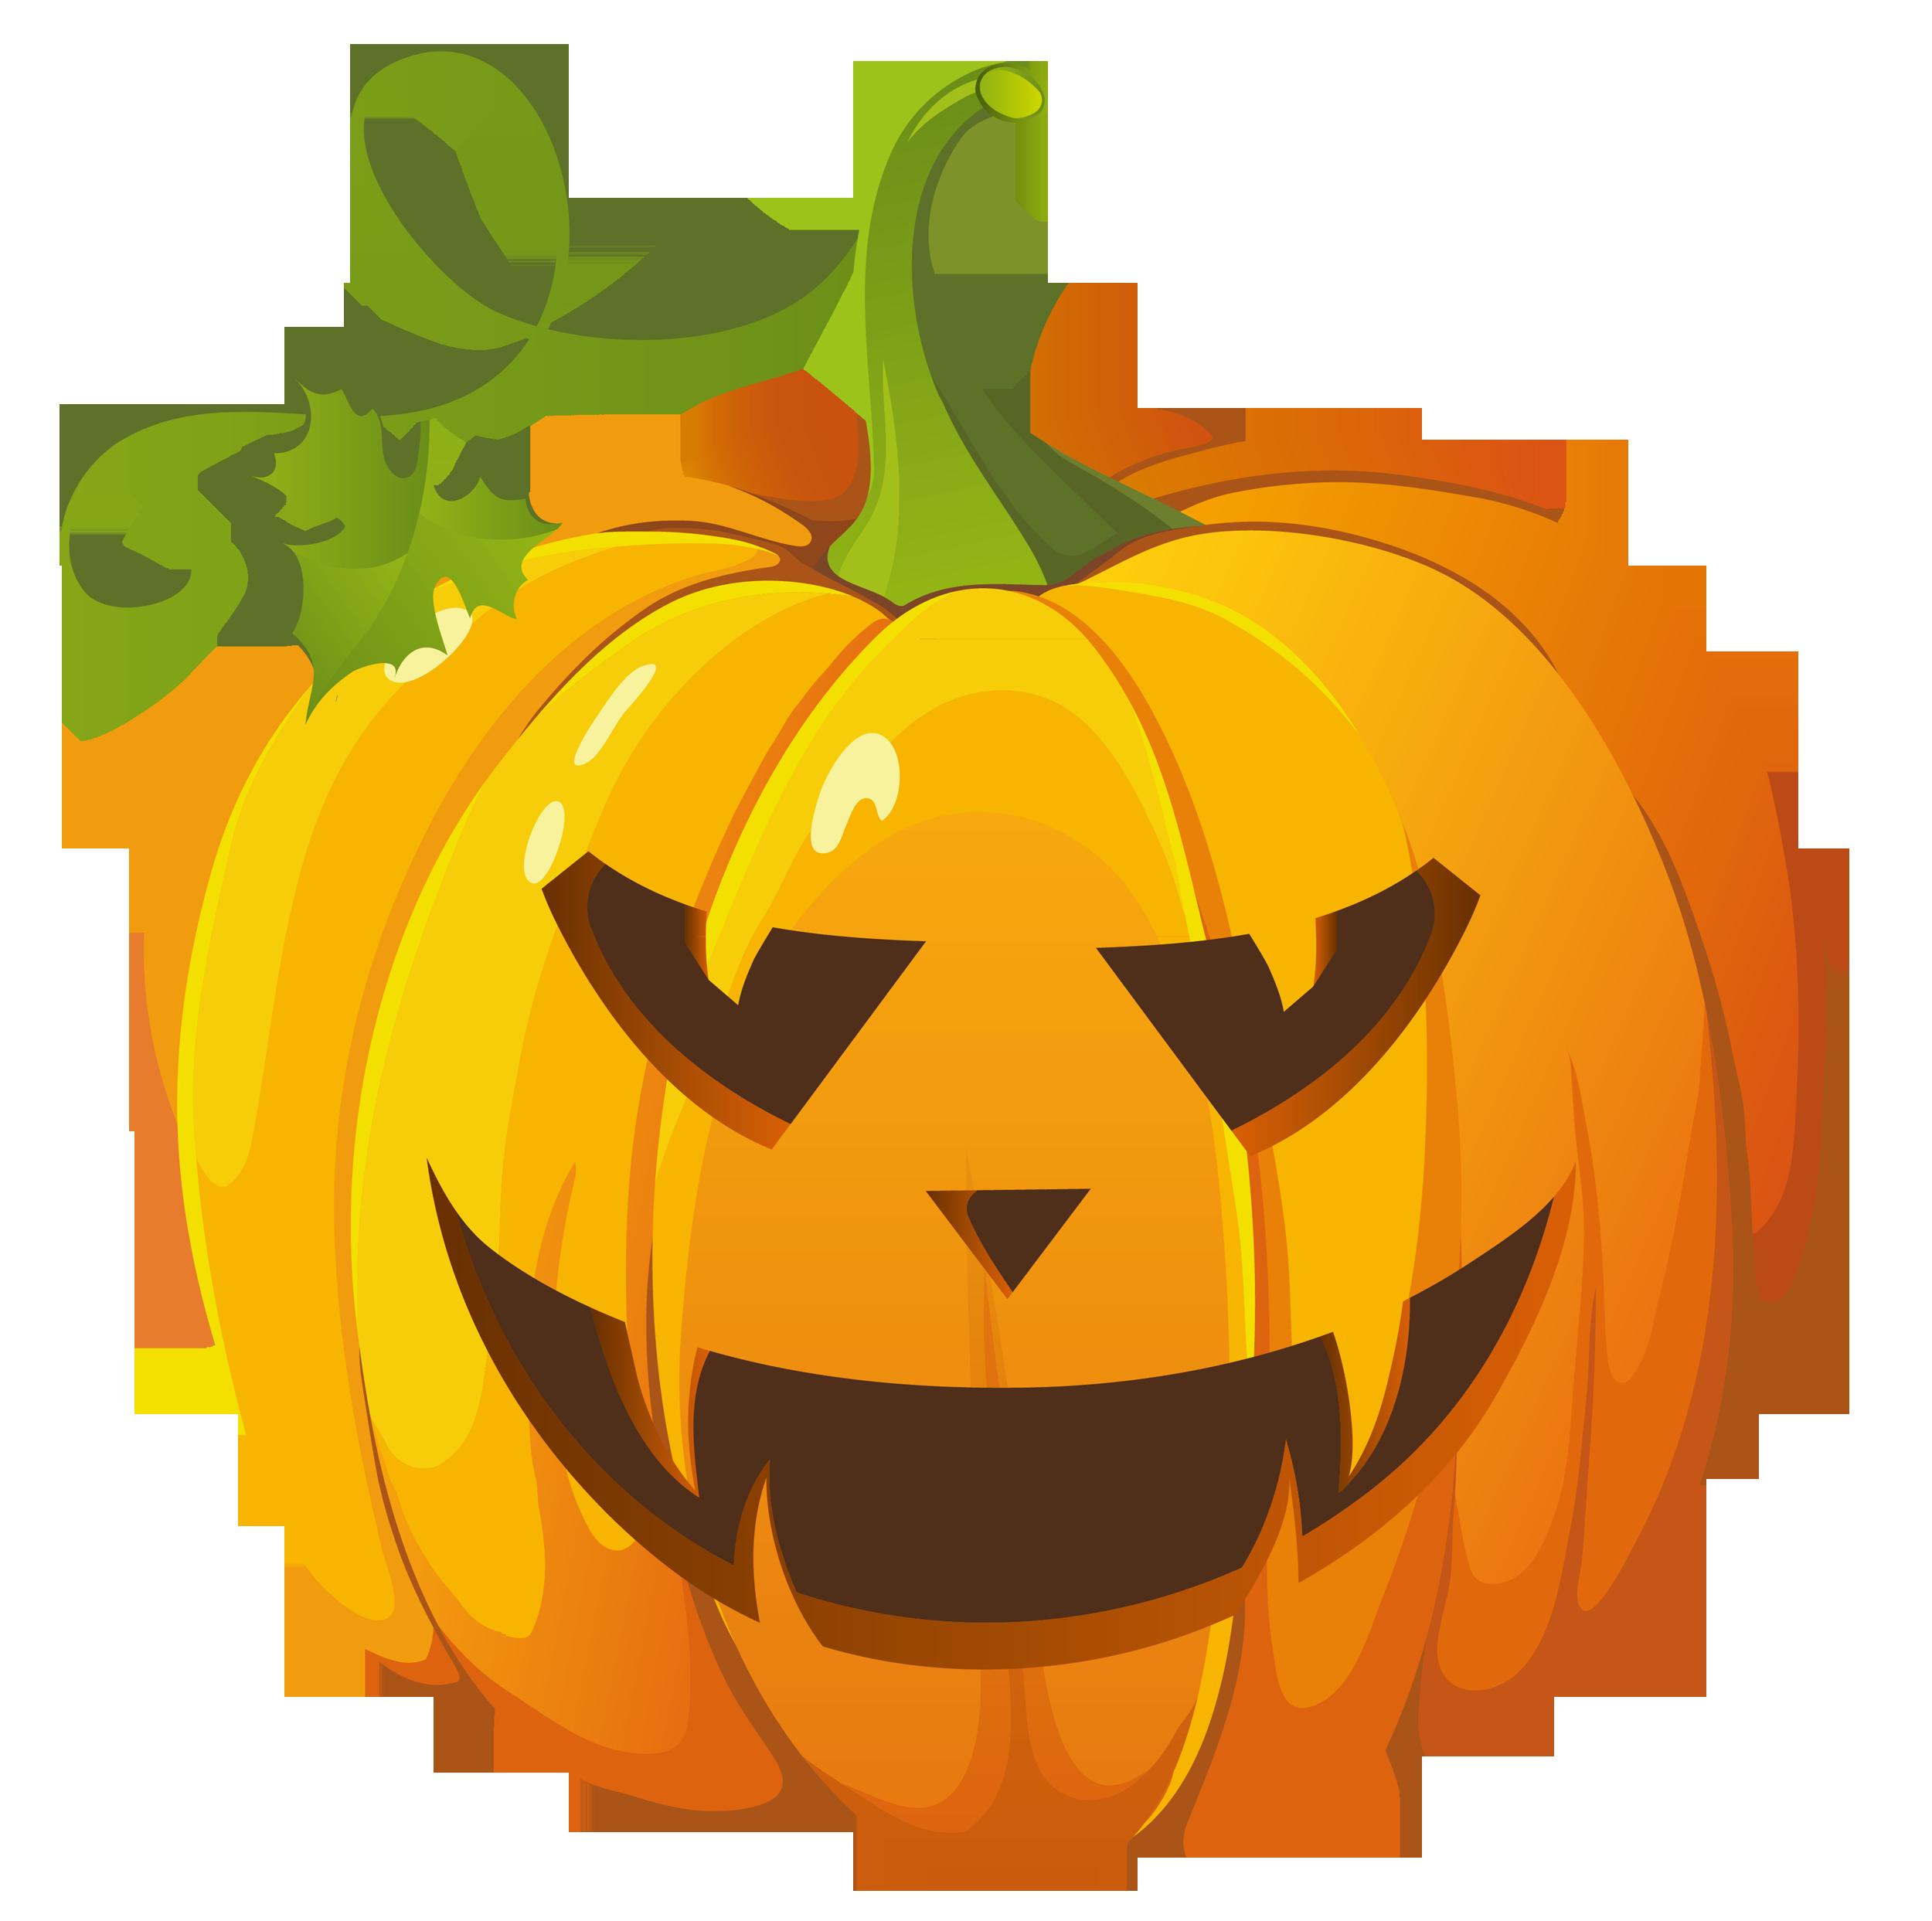 Cute Pumpkin Patch Clipart Large Transpa-Cute Pumpkin Patch Clipart Large Transparent Halloween Pumpkin Clipart-11